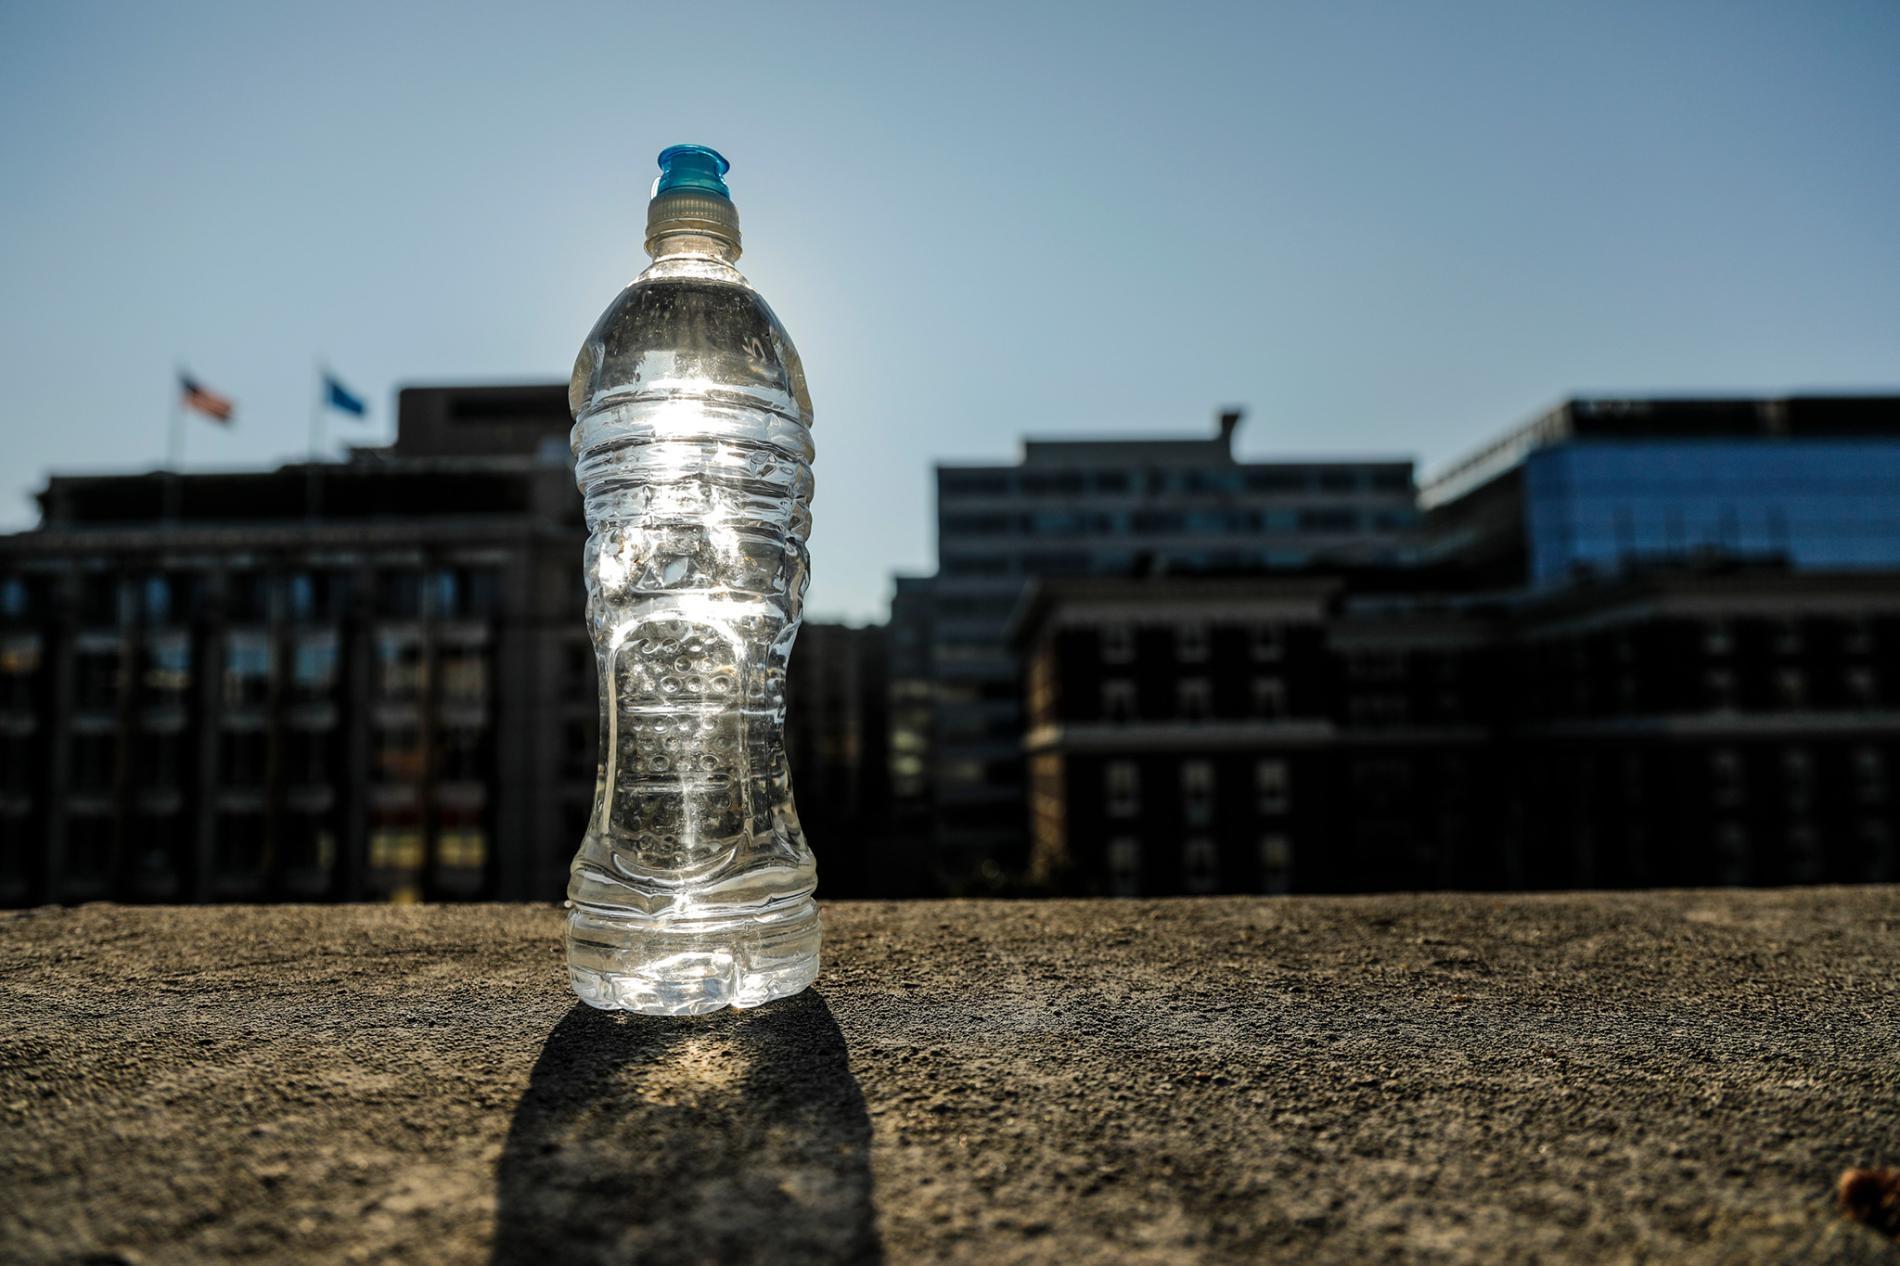 喝一瓶留在烈日下的瓶裝水傷不了你,但專家指出,消費者應避免長期接觸留置在高溫下的塑膠容器。PHOTO ILLUSTRATION BY MARK THIESSEN, NATIONAL GEOGRAPHIC